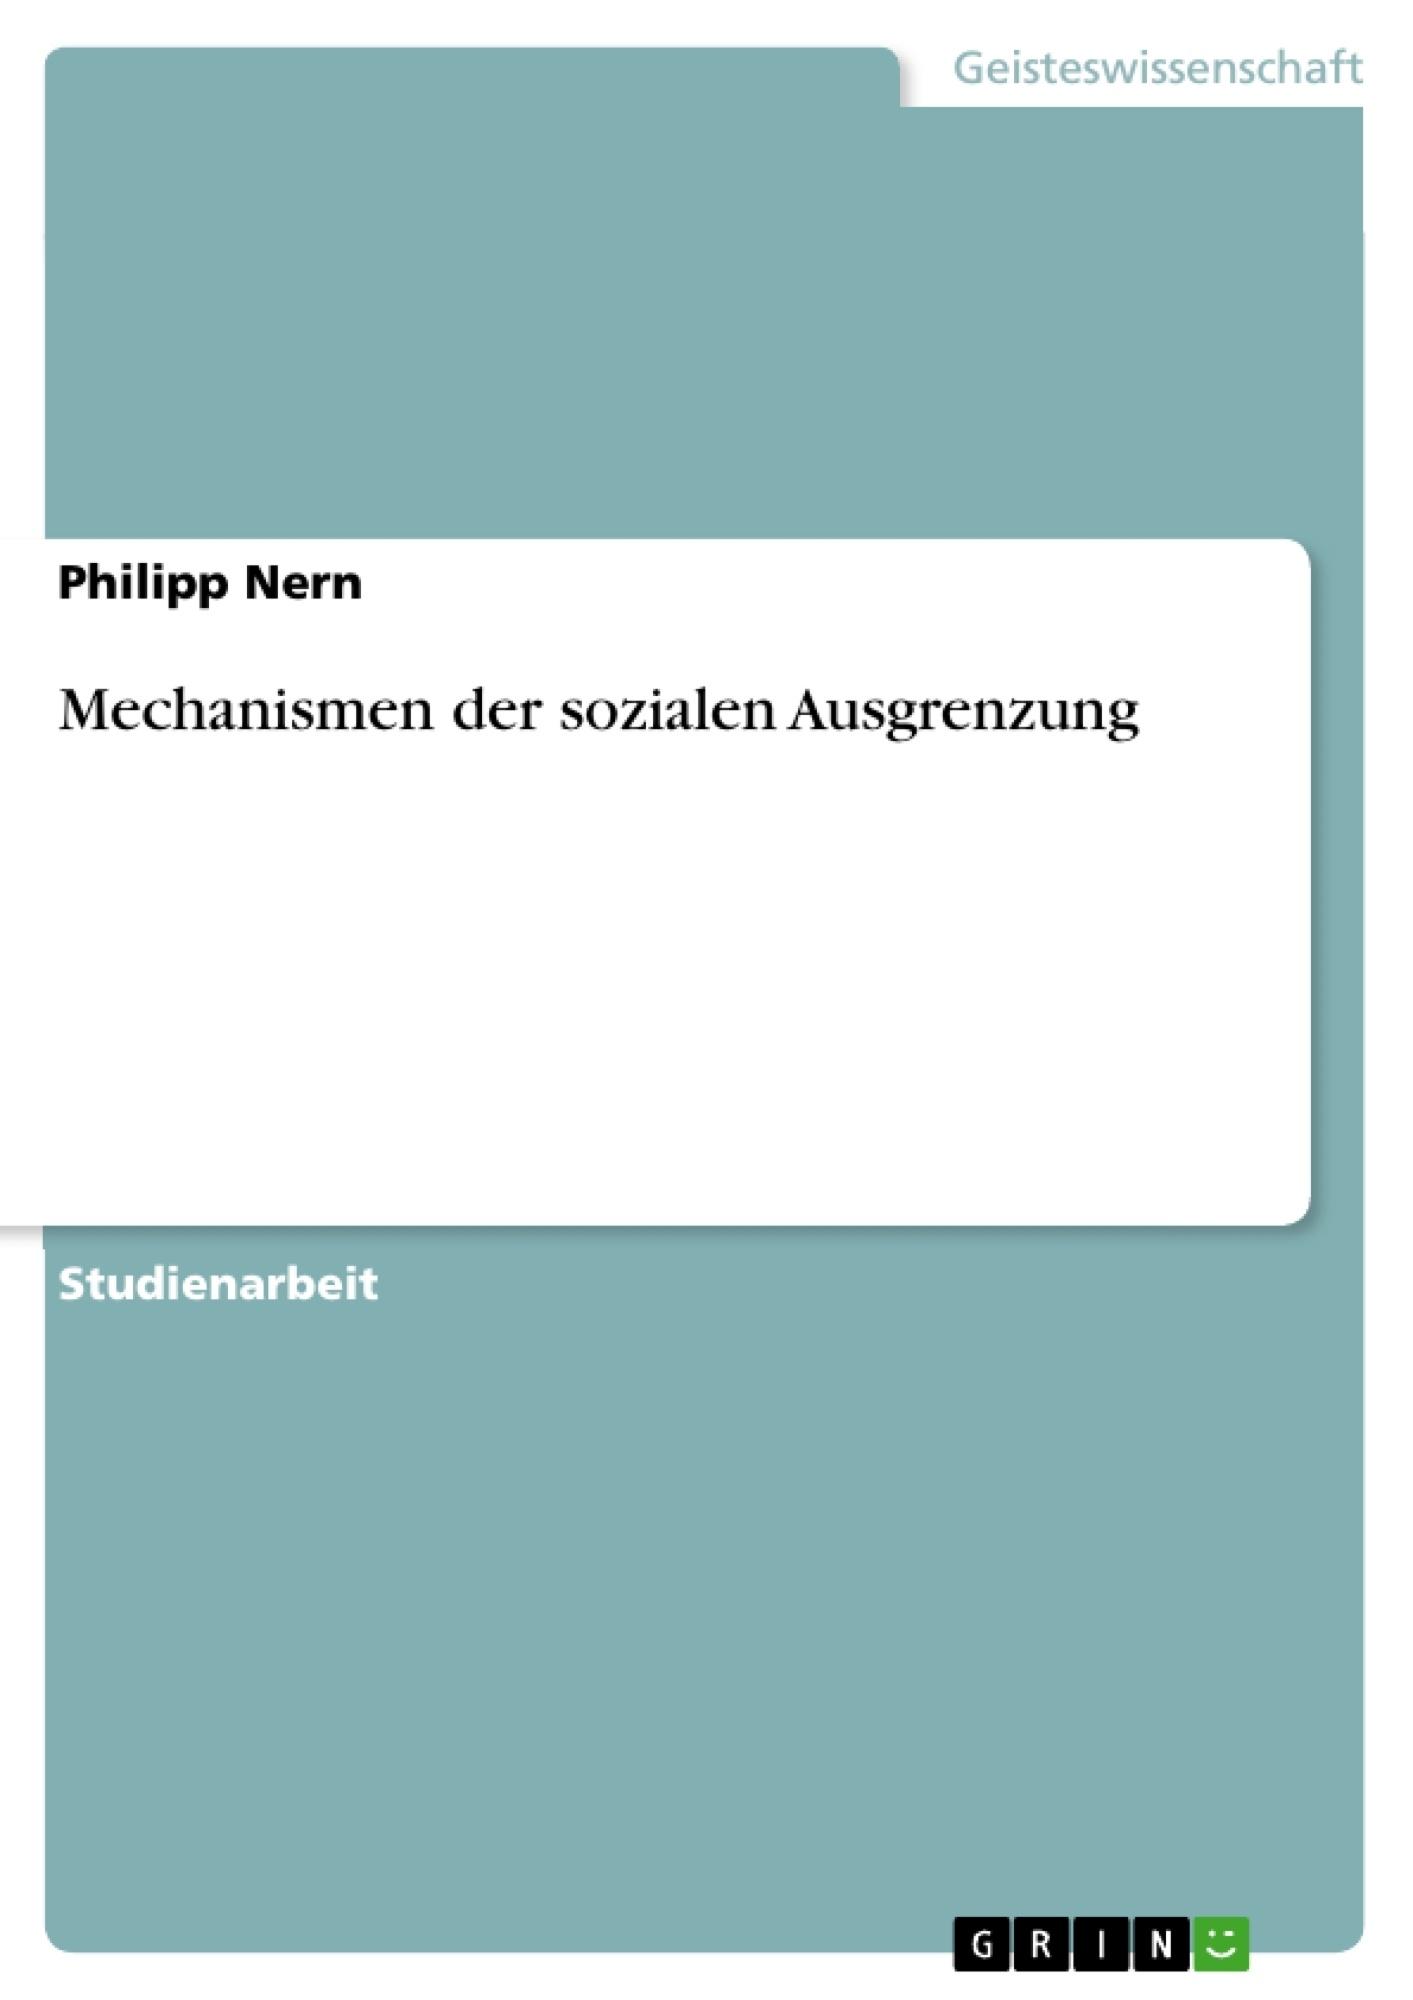 Titel: Mechanismen der sozialen Ausgrenzung